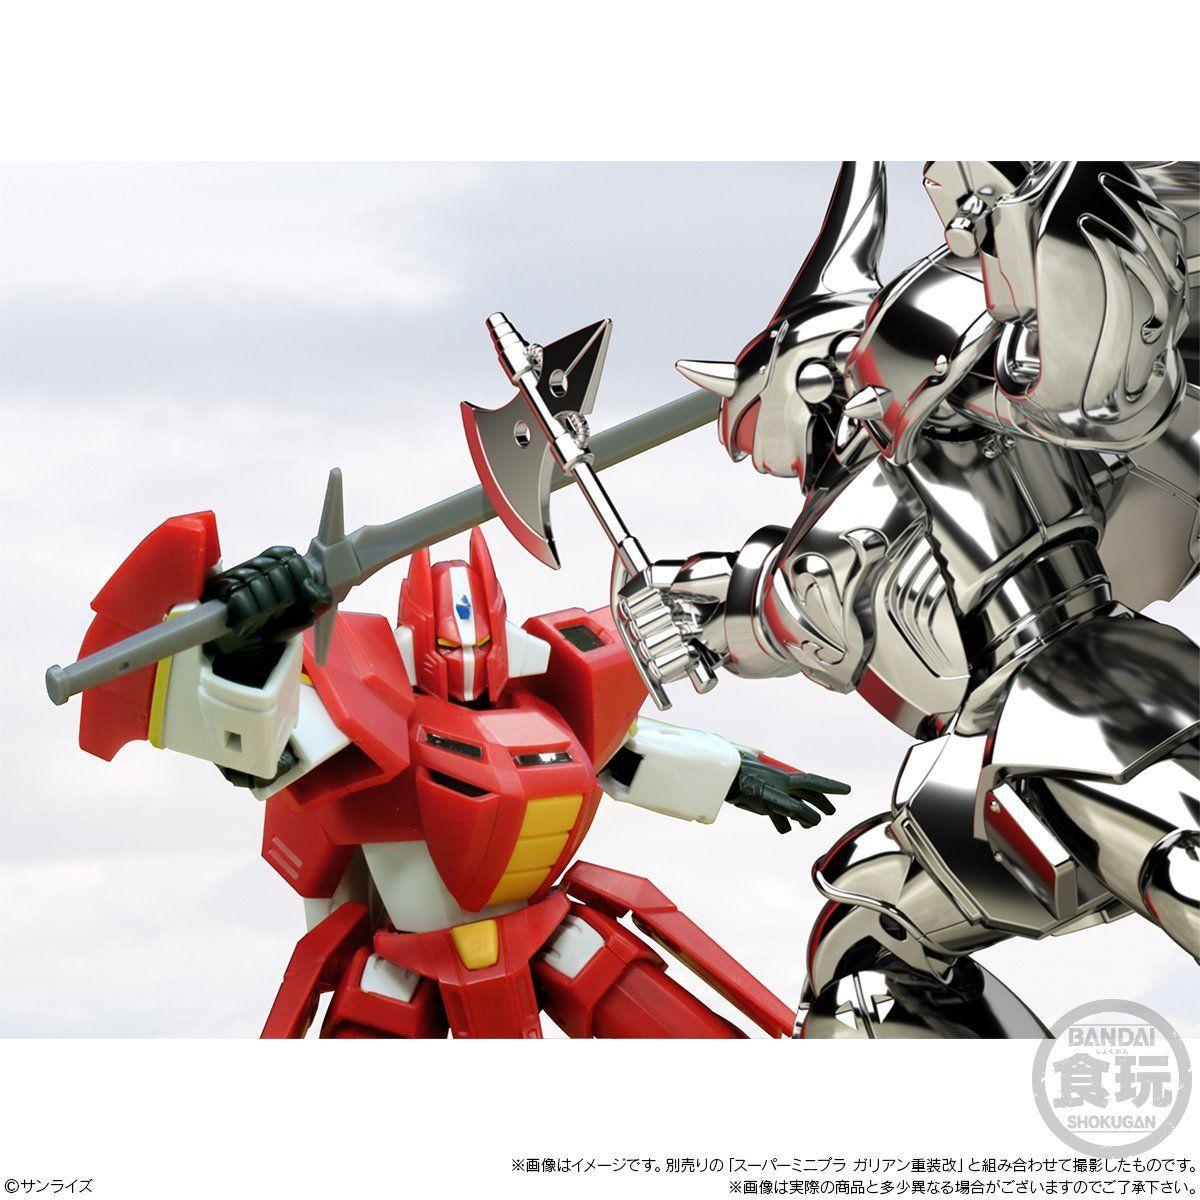 スーパーミニプラ『飛甲兵ウィンガル・ジー ハイ・シャルタット機|機甲界ガリアン』プラモデル-008